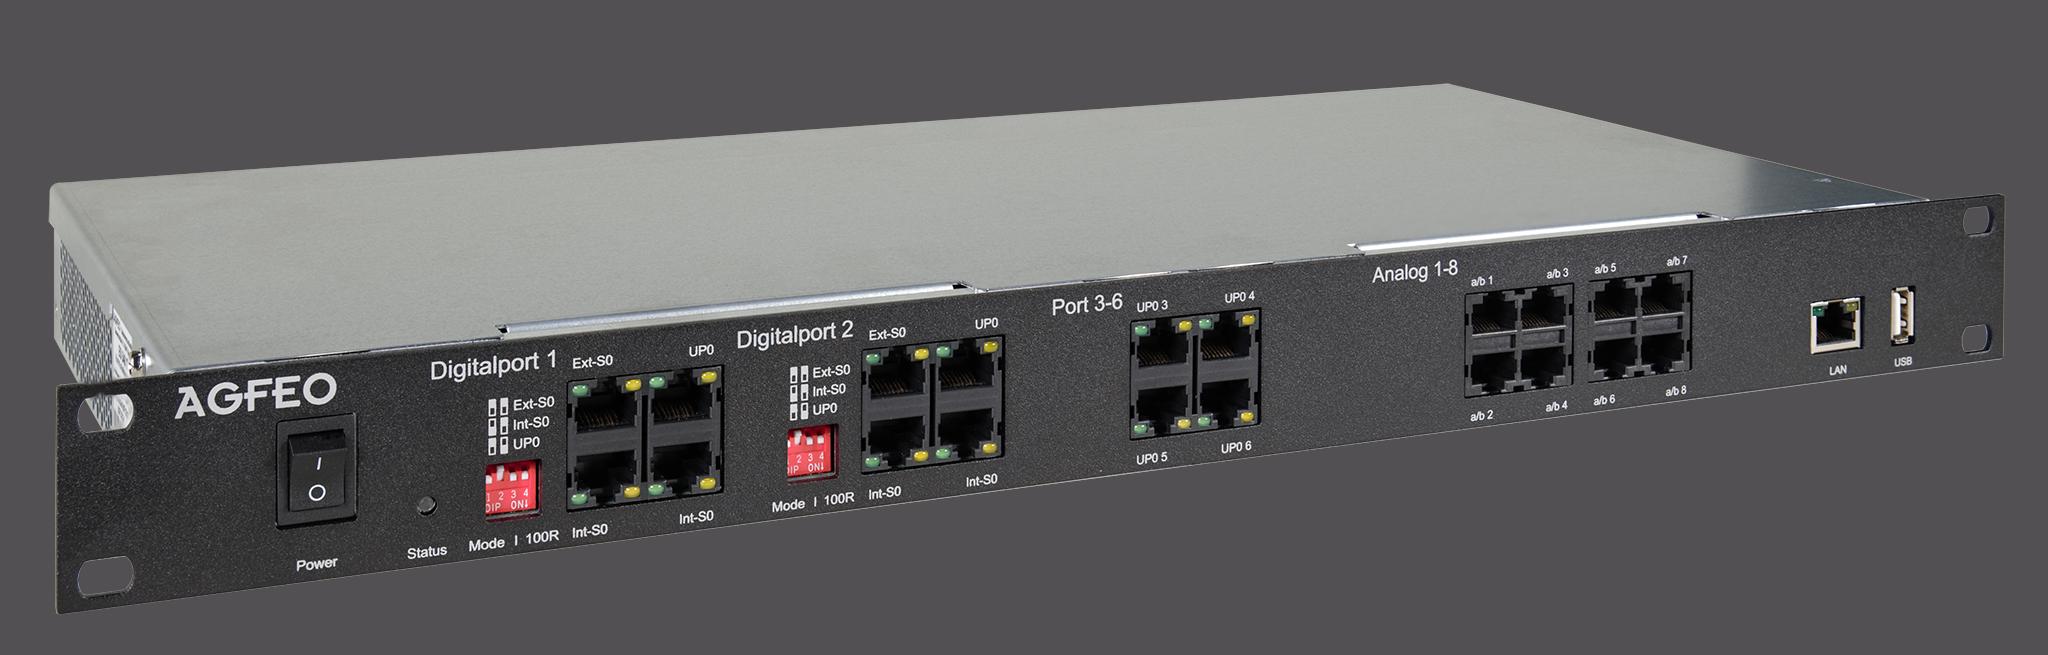 AGFEO ES 548 IT Hybrid Telefonsystem